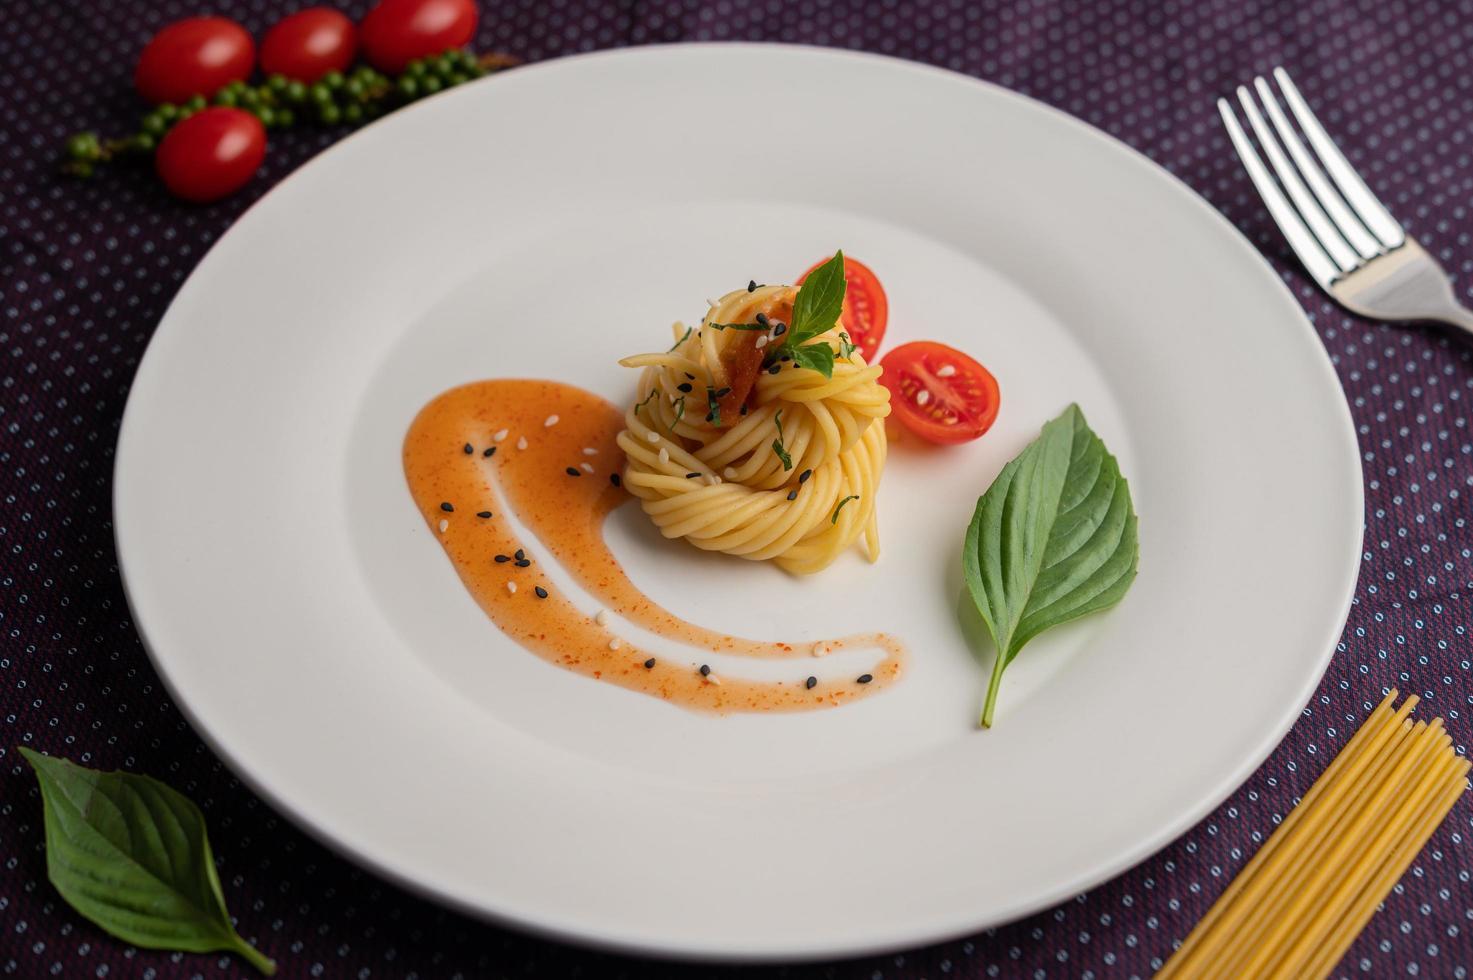 spaghetti gourmet splendidamente disposti su un piatto bianco foto